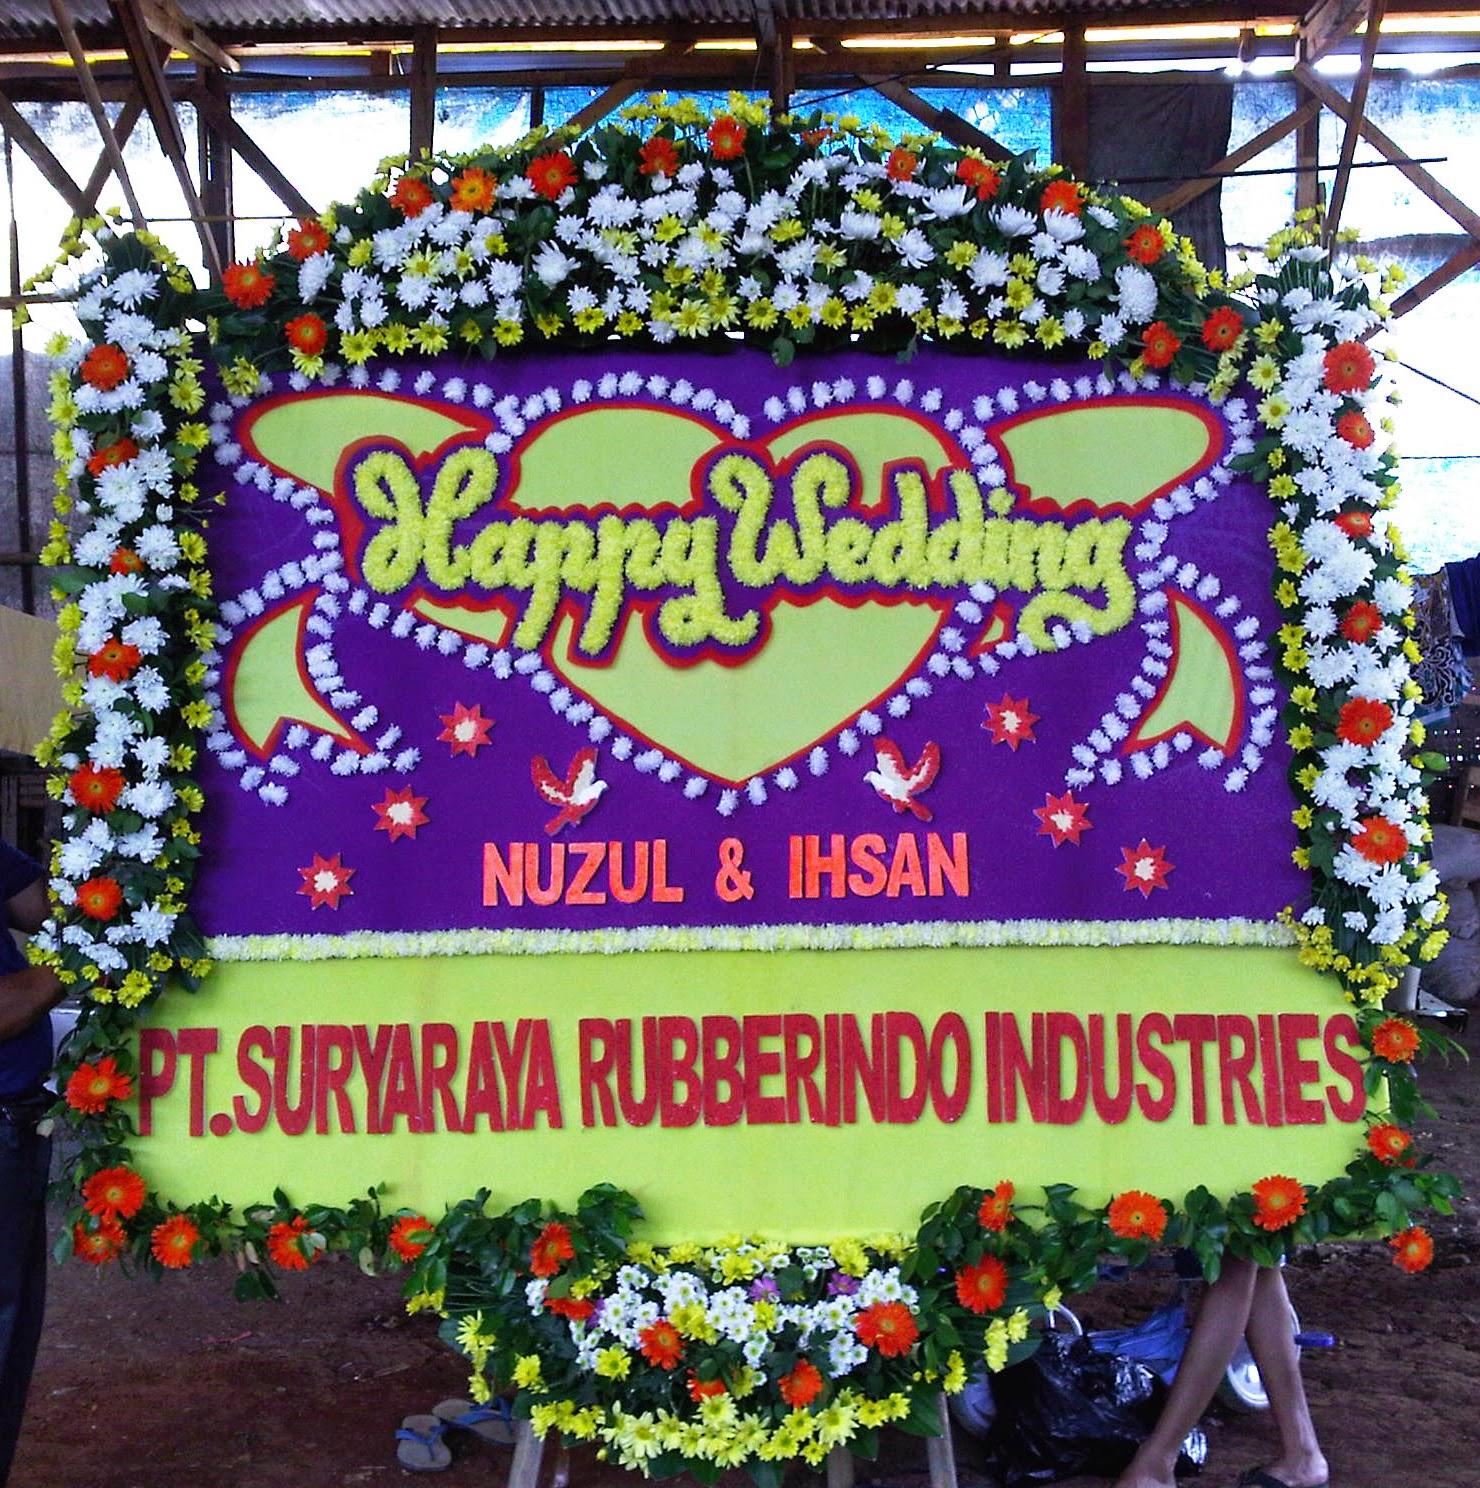 Toko Bunga Cikarang - Bunga Papan Pernikahan